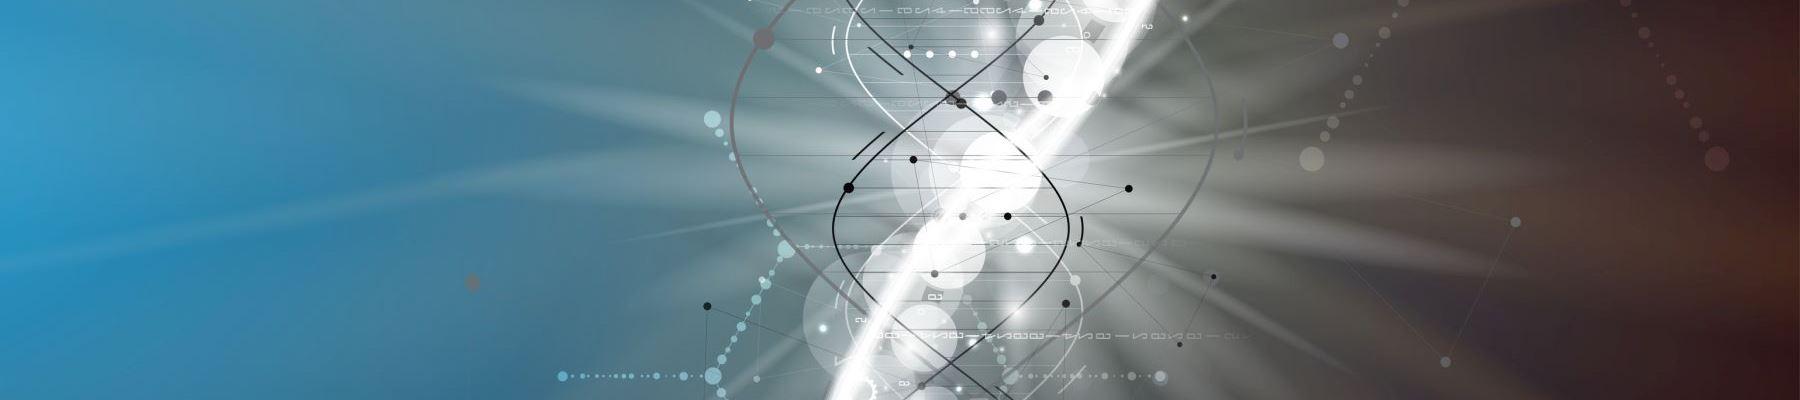 Seit vielen Jahren arbeiten wir<br/> an der Systematisierung aller Daten<br/>im Gebäudelebenszyklus